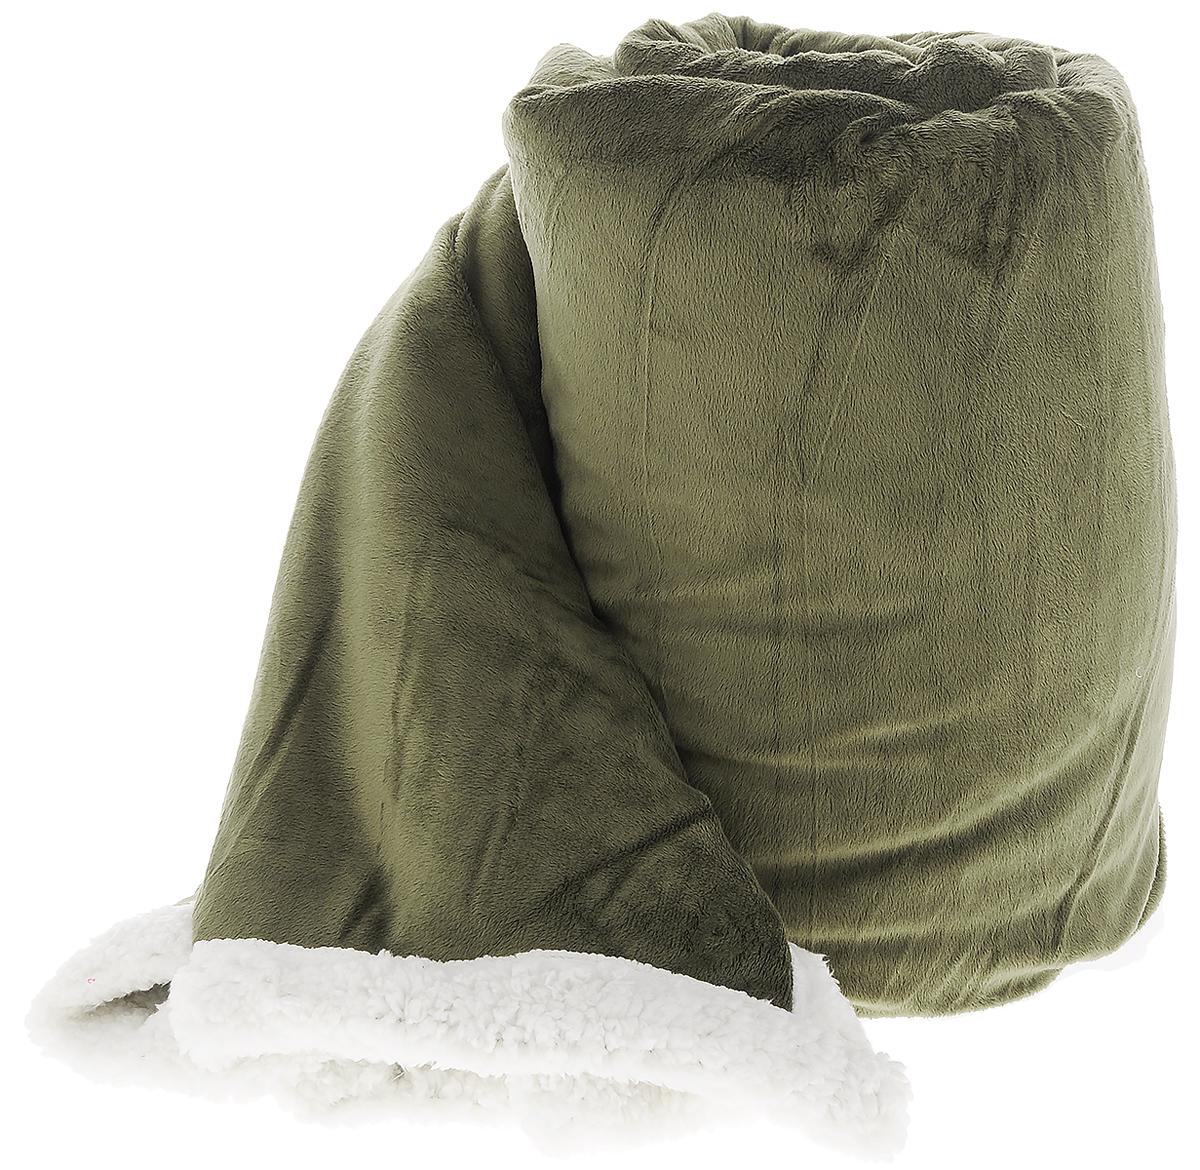 Плед Arya Микро, цвет: темно-зеленый, 160 х 220 смF0009963Легкий, мягкий и яркий плед Arya Микро изготовлен из микрофибры. Пледы из микрофибры - это незаменимая вещь и практичная часть интерьера. Микрофибра славится не только своей уникальной структурой, которая сохраняет тепло, но и он еще очень мягкий, и приятный на ощупь. Плед из микрофибры отлично дополнит и украсит любой дом, дачу, незаменим также в автомобиле.Плед Arya Микро - это бюджетный подарок, хороший вариант подарка не только для родных и близких, но и для коллег в качестве корпоративного подарка, на любой праздник.Размер пледа: 160 х 220 см.